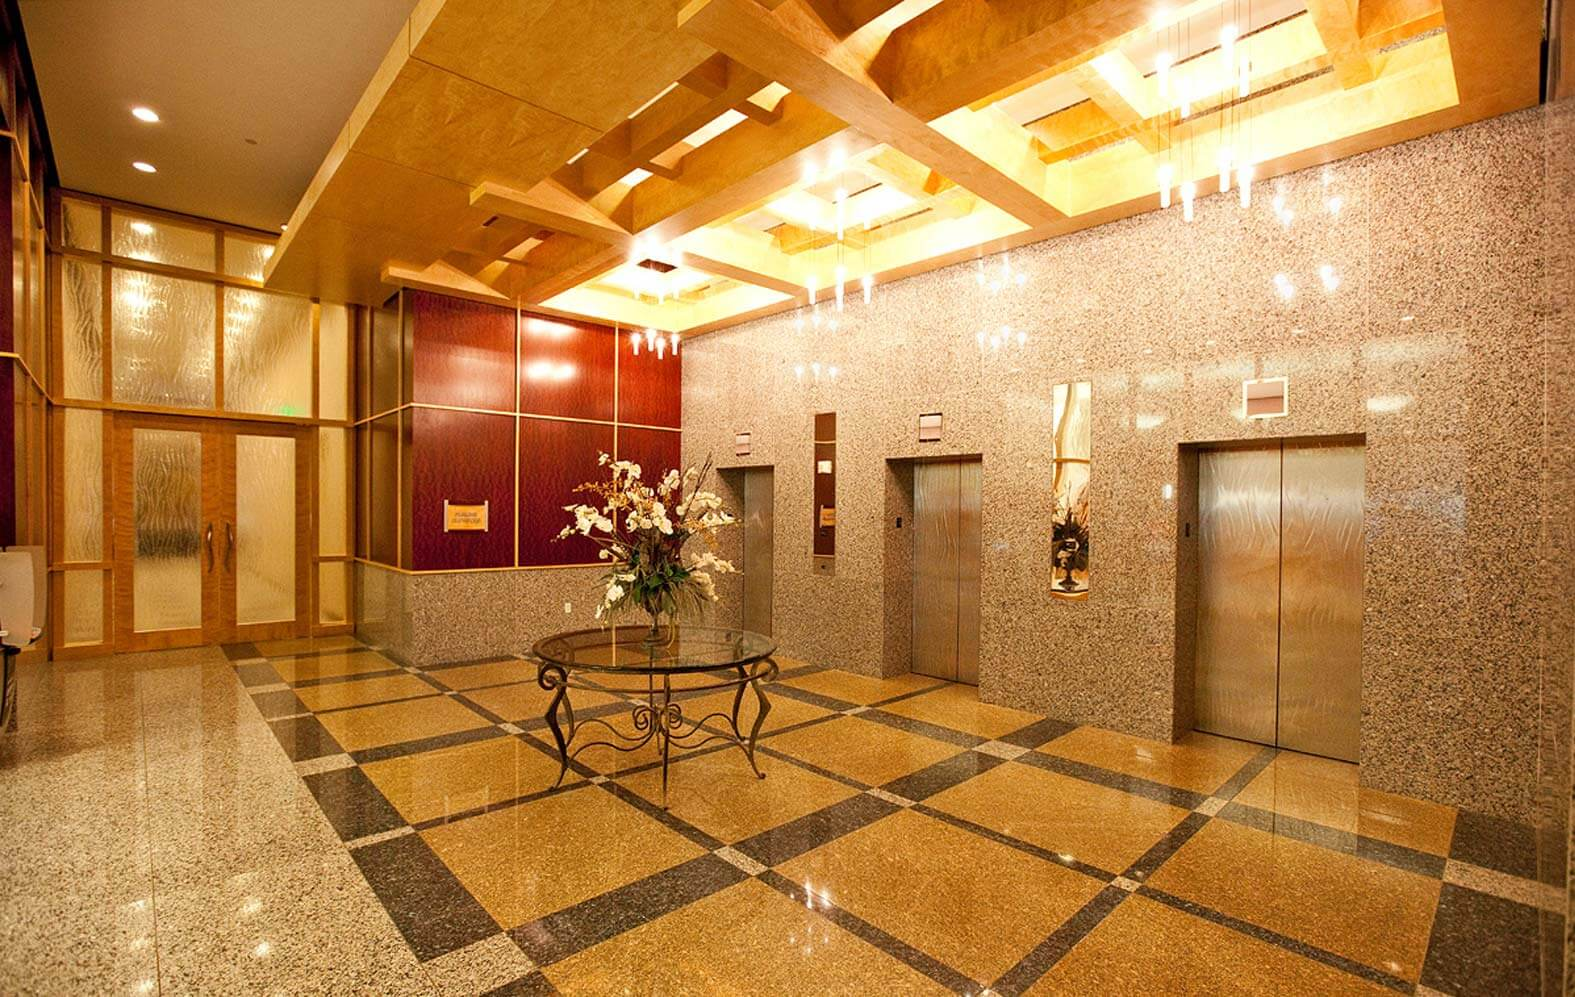 شرکت نصب آسانسور عرش بام تهران - ارائه دهنده خدمات نصب آسانسور، نصب پله برقی و نصب رمپ های برقی